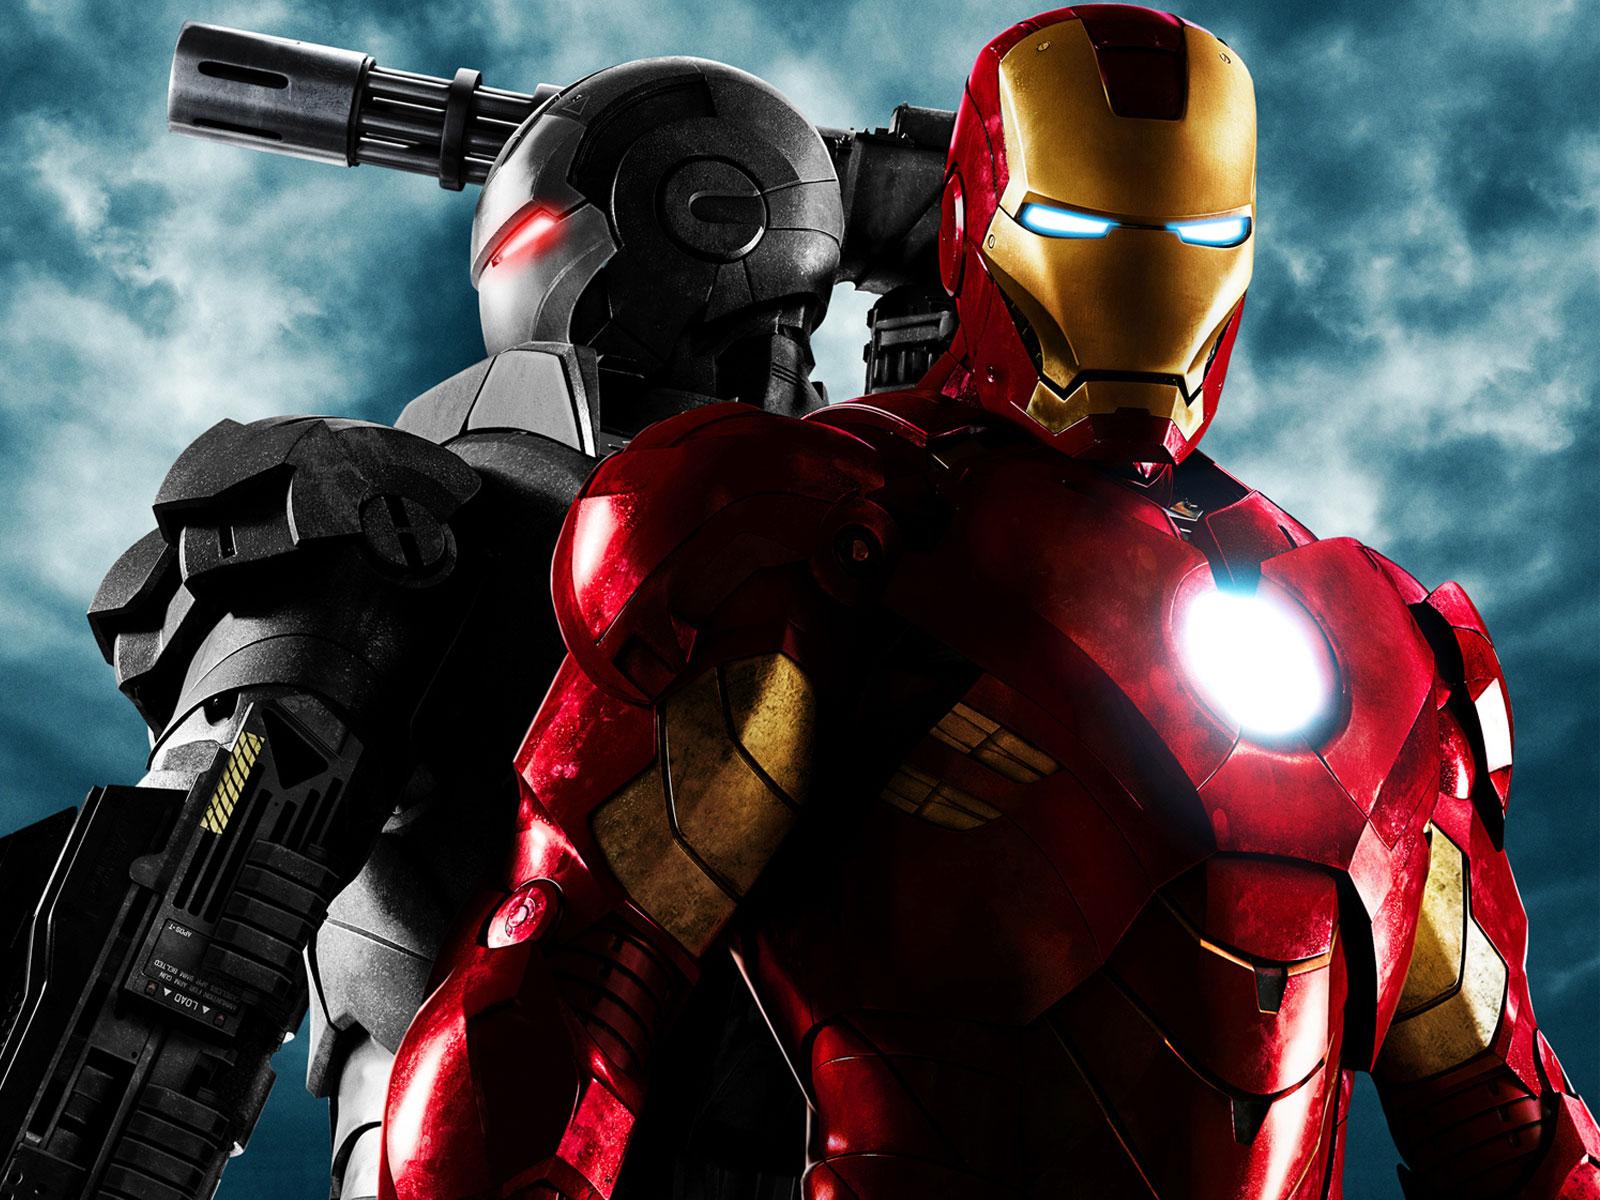 Ecco come diventare Iron Man grazie a Microsoft